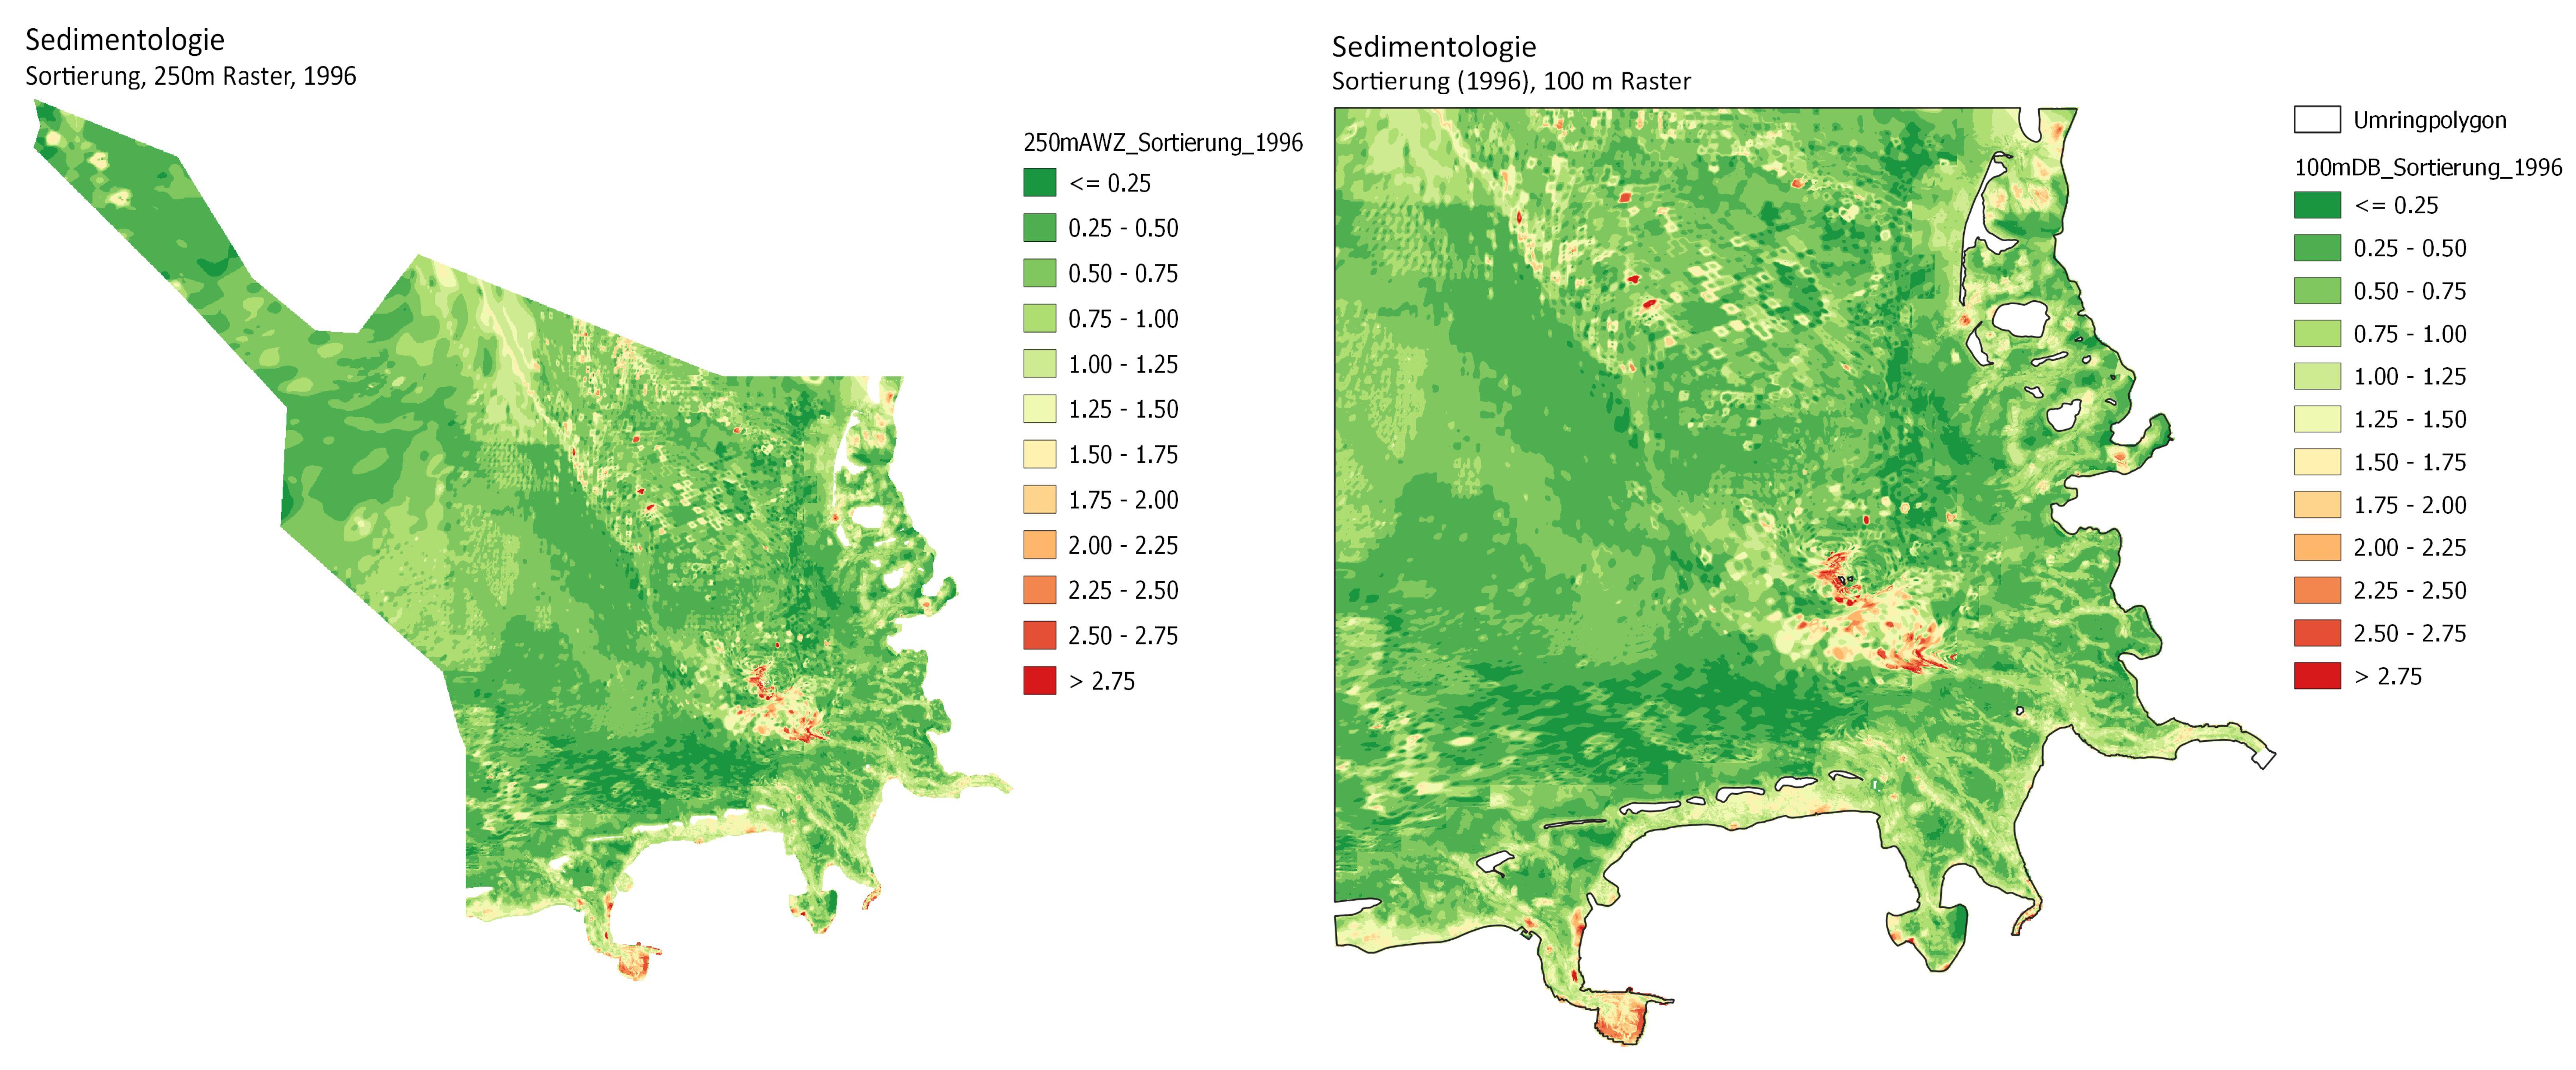 Beispiel: Sortierung für die Auschließliche Wirtschaftszone (AWZ) und die Deutsche Bucht (DB) für das Jahr 1996.